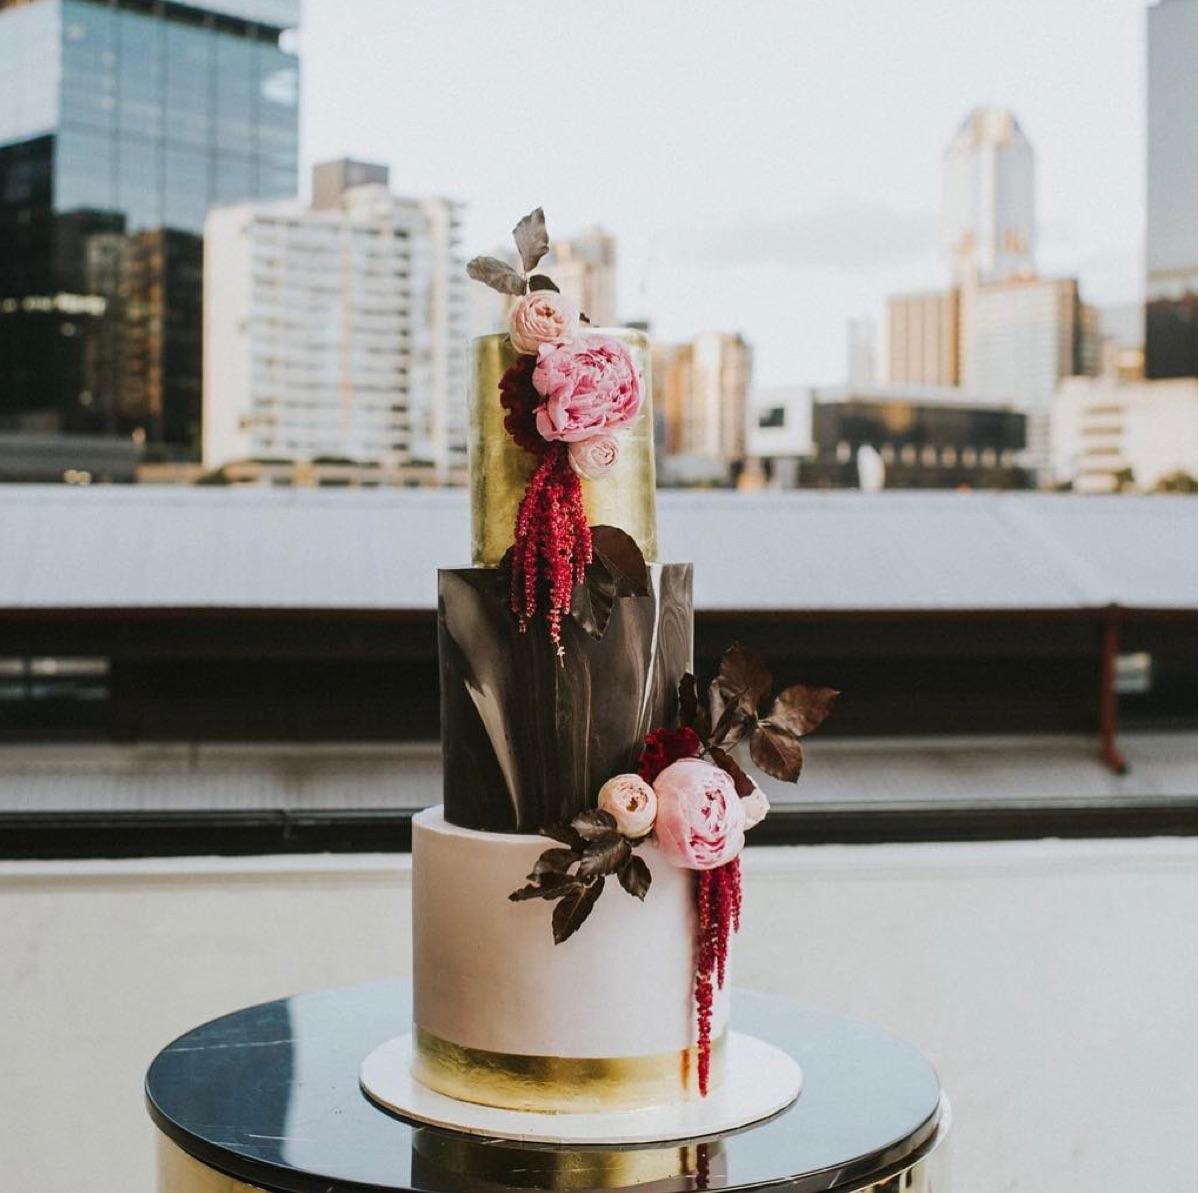 Image: Loco Photography / Cake: Sweet Bakes